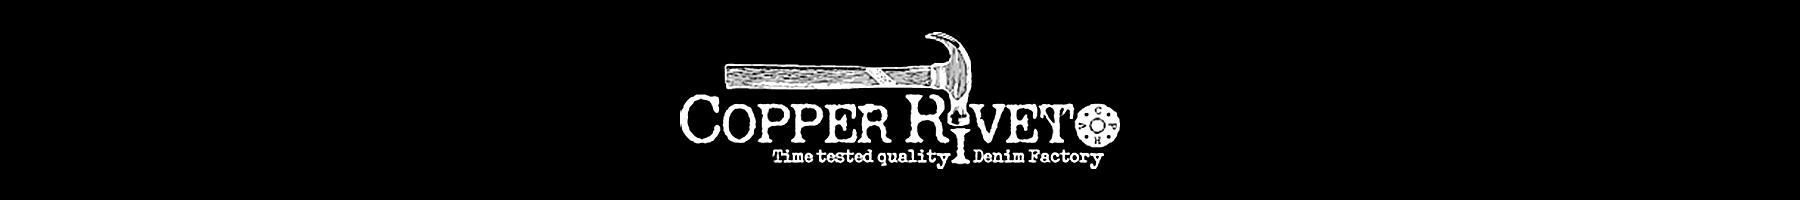 DrJays.com - Copper Rivet